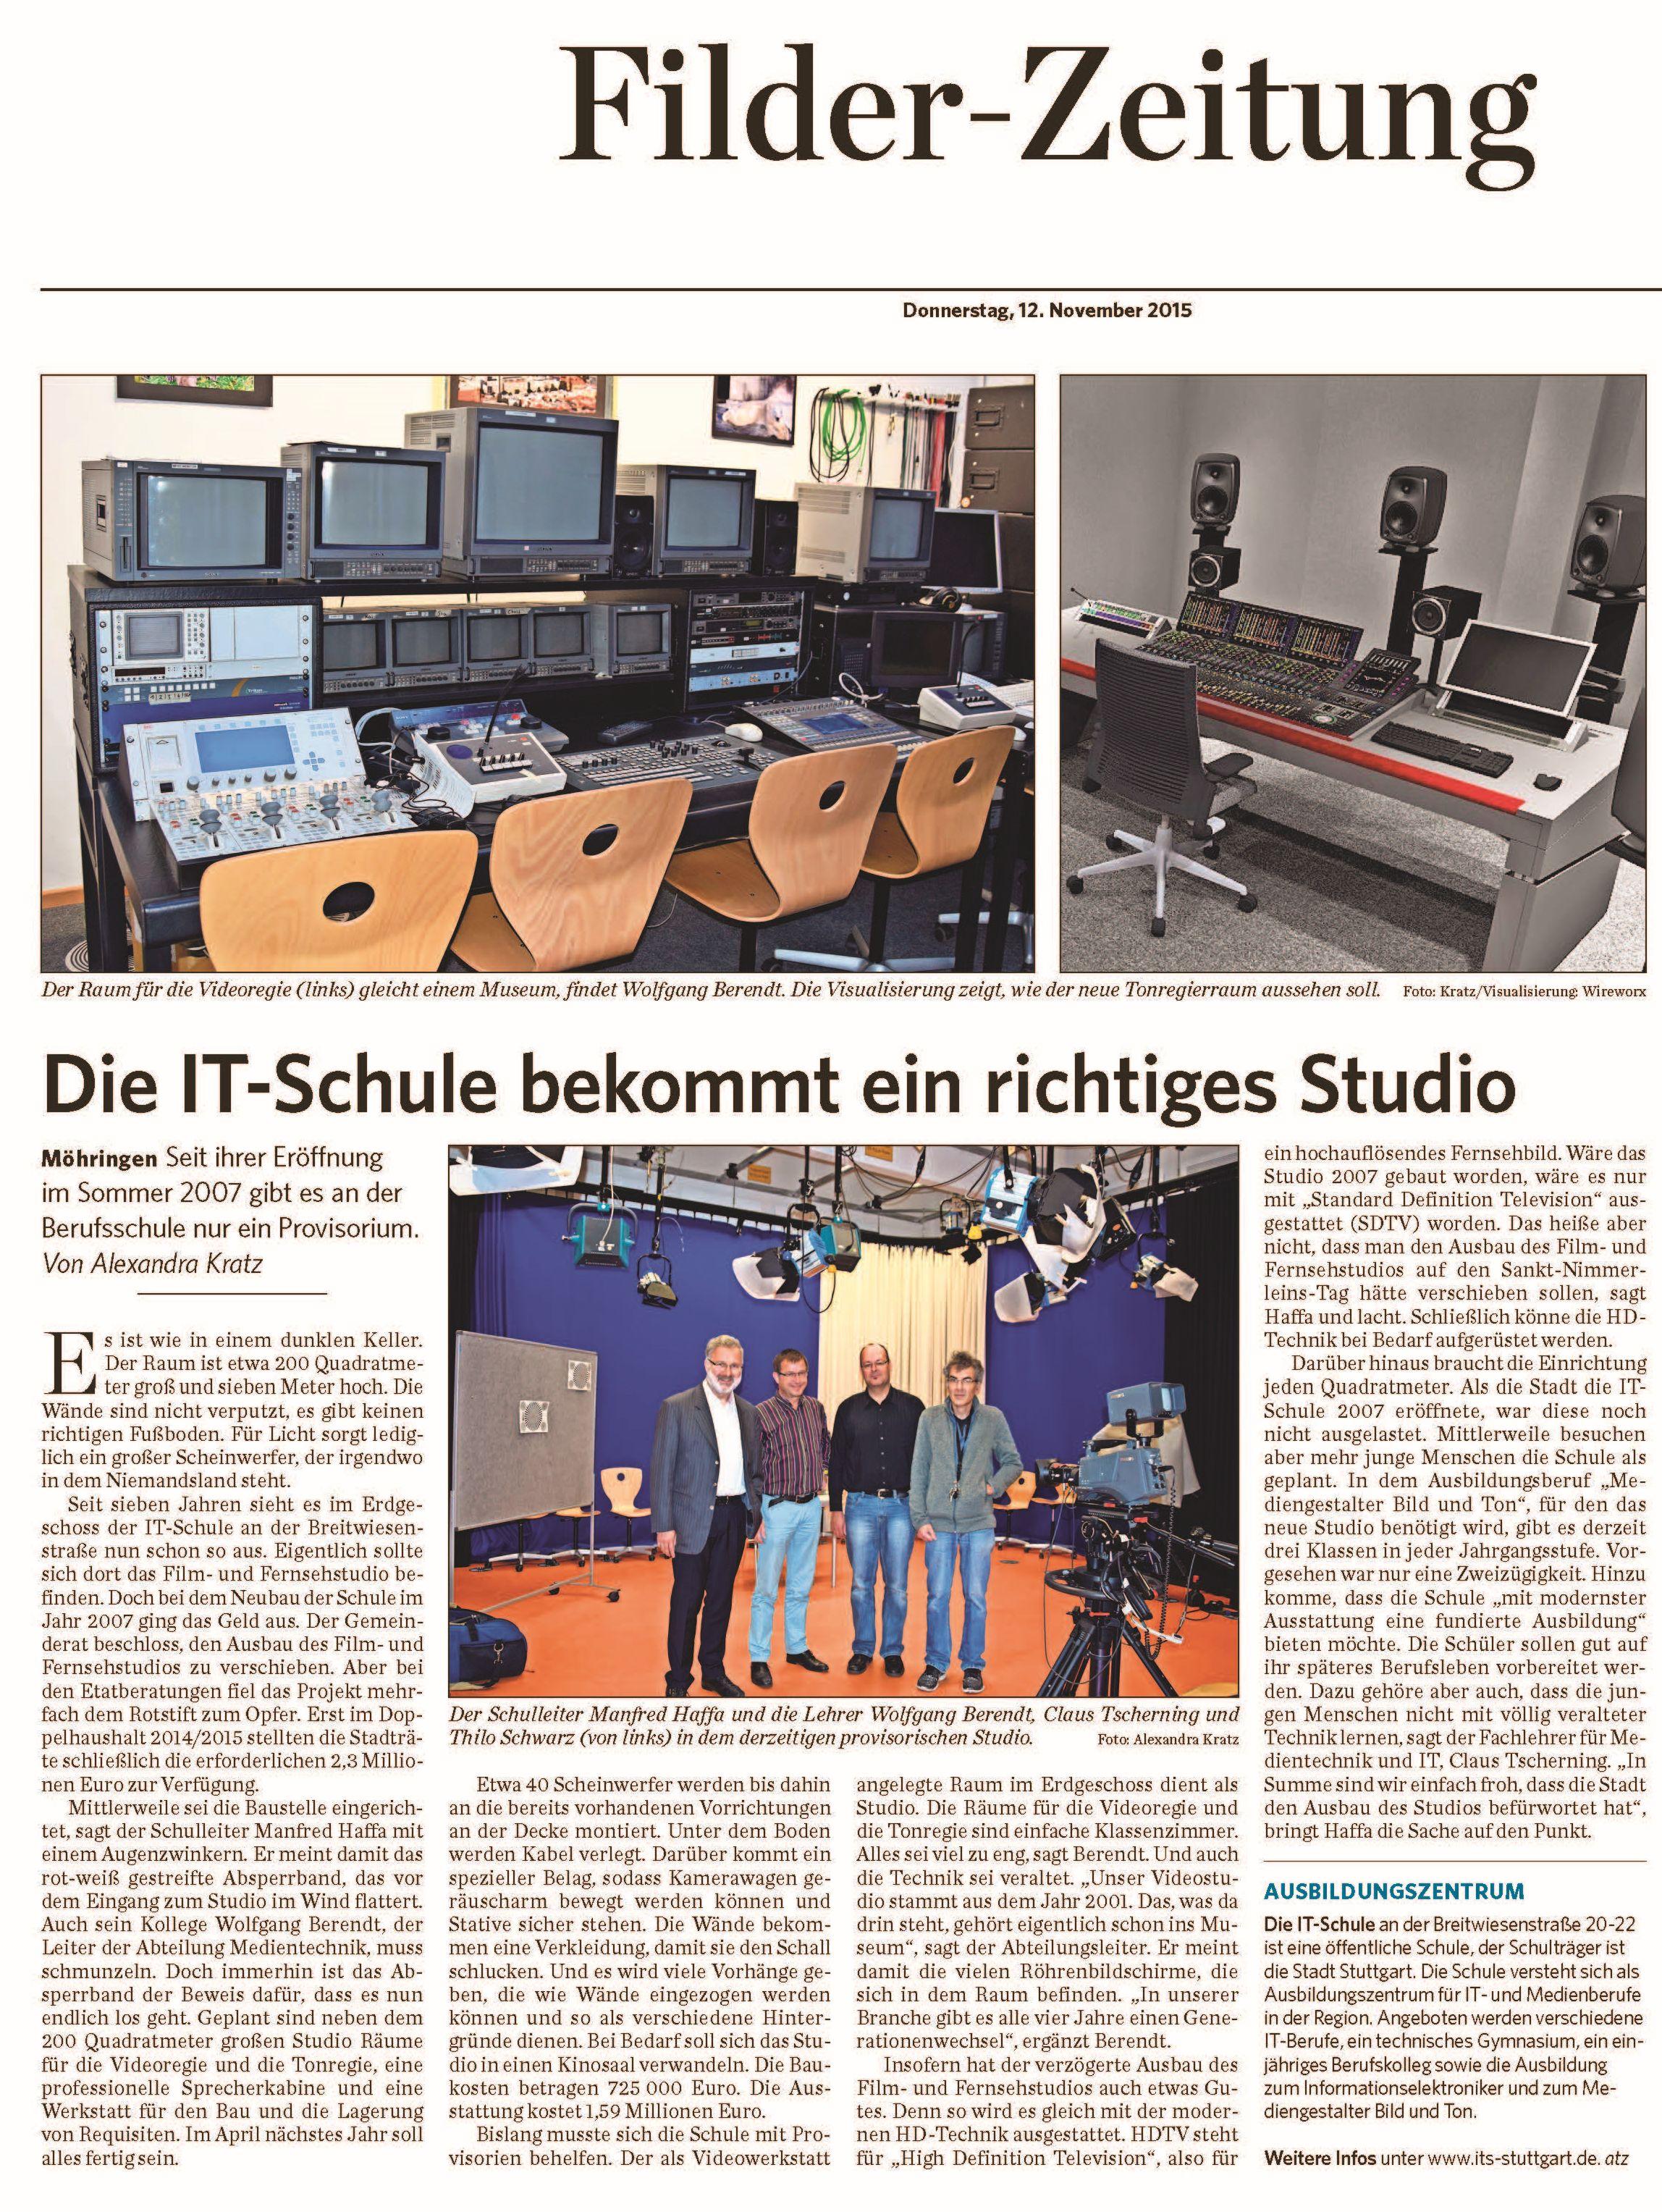 Artikel Filderzeitung Studioneubau